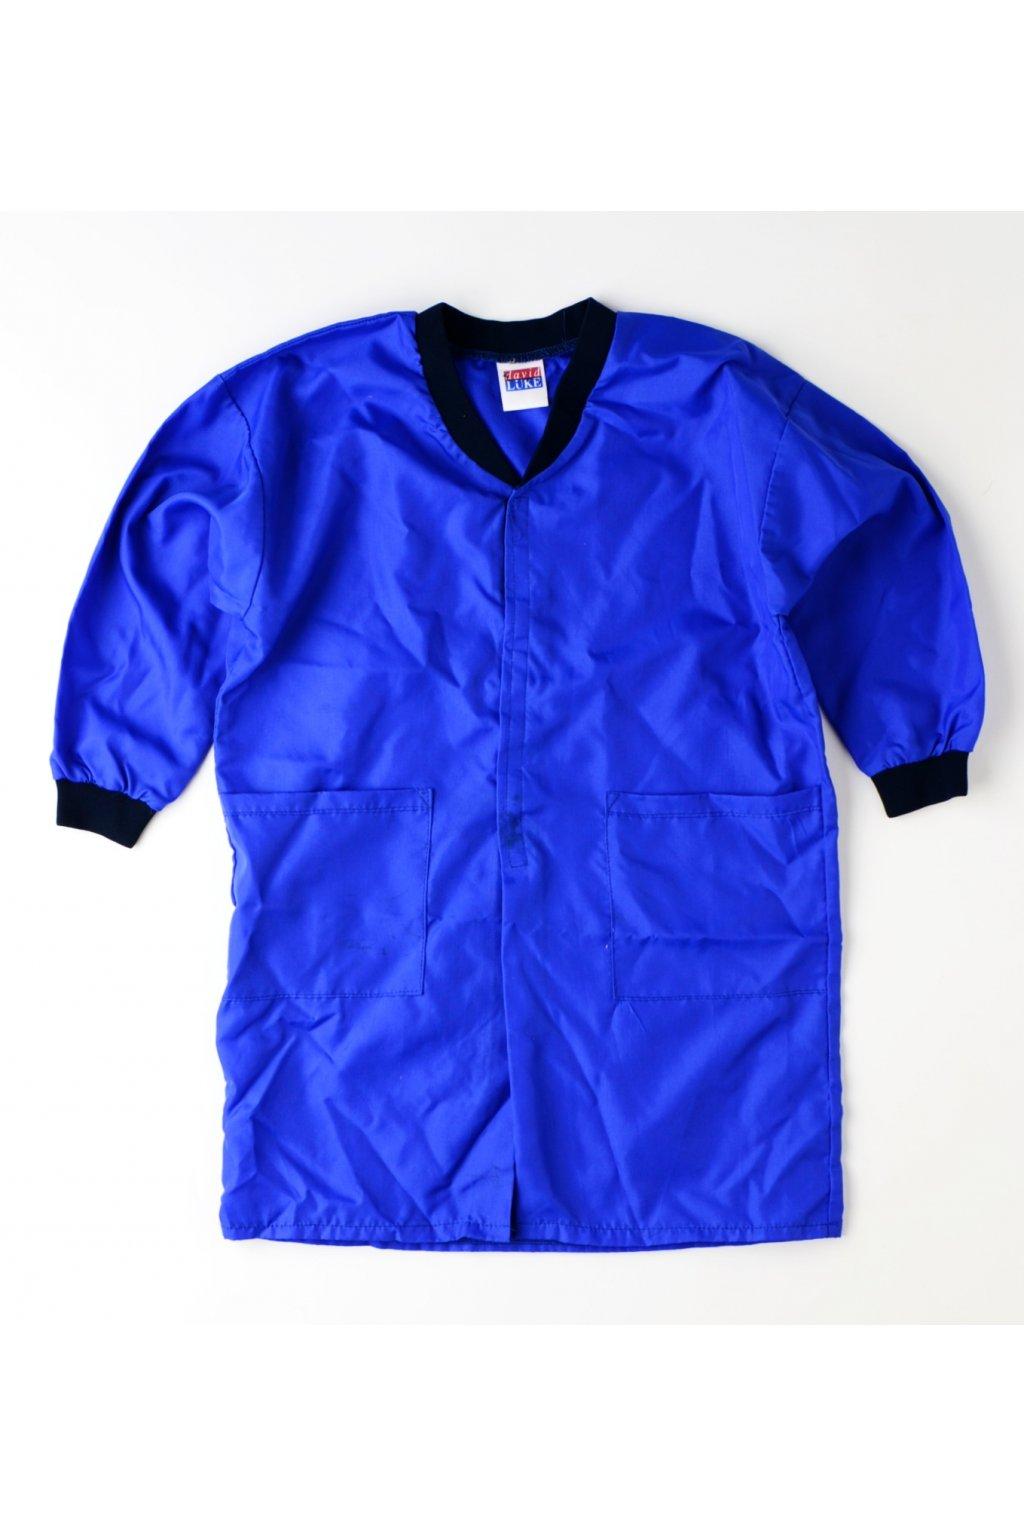 Bunda pracovní plášt DAVID LUKE modrá 128